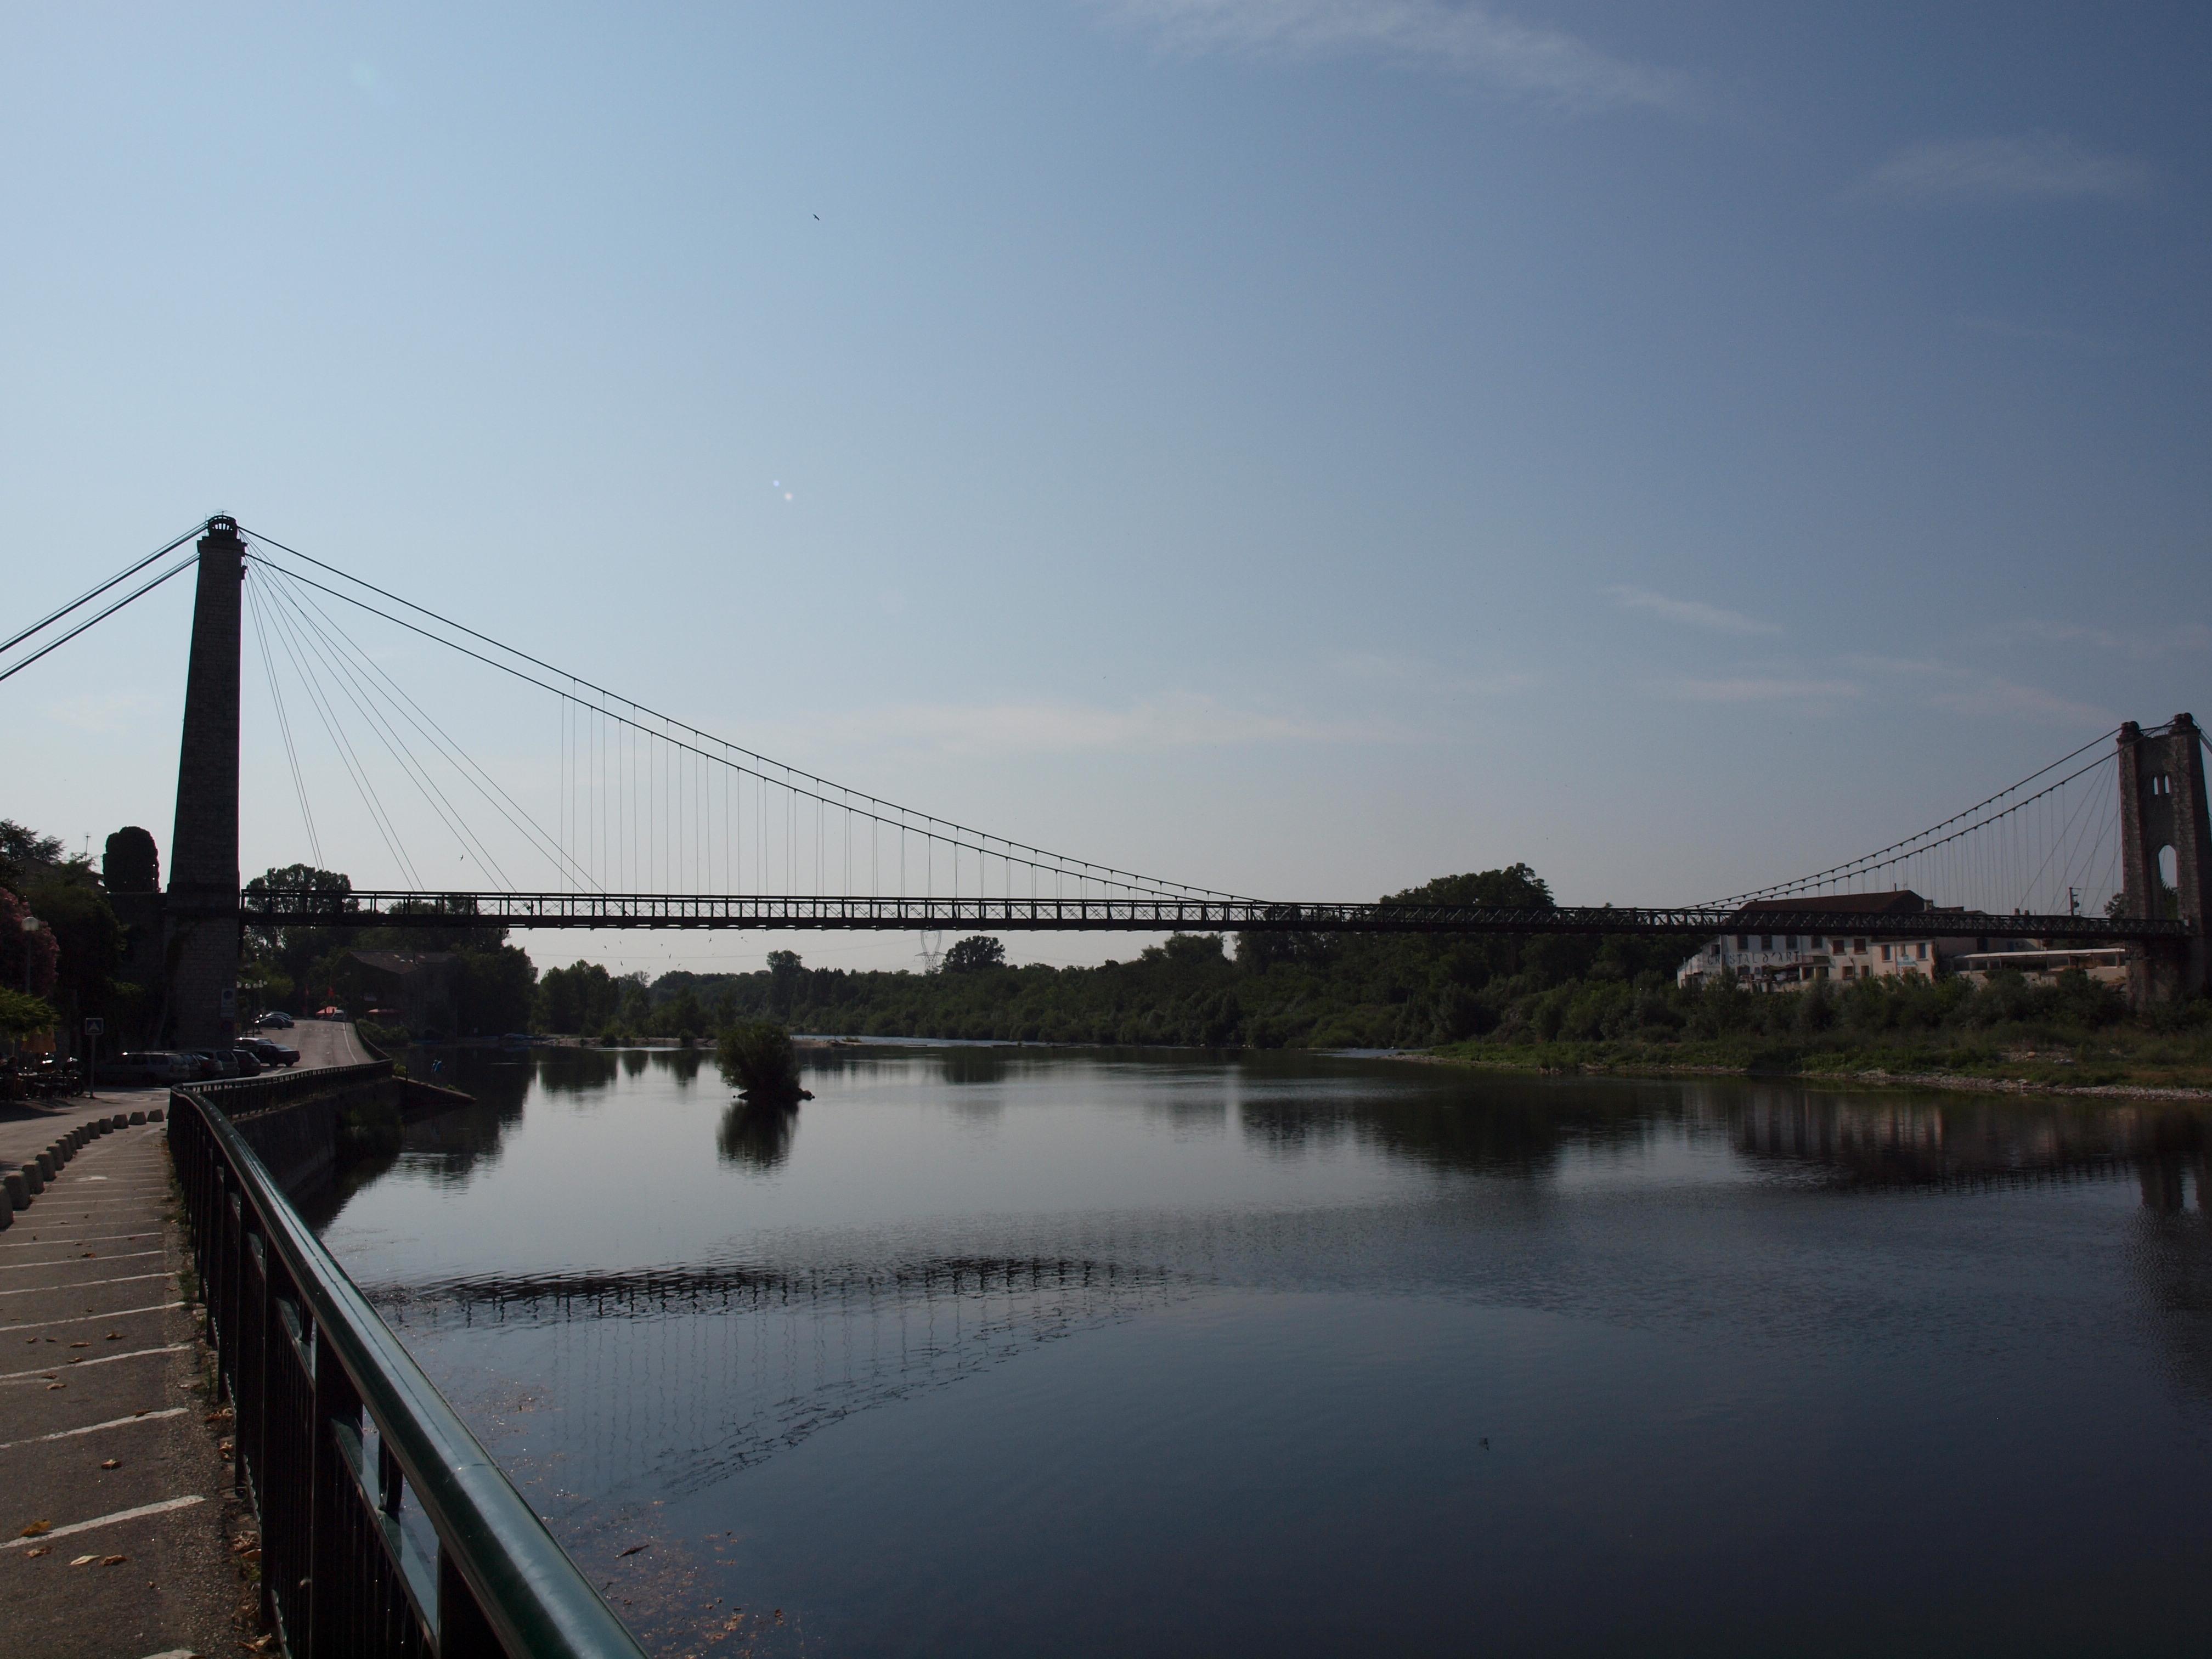 vue pont ardeche riviere